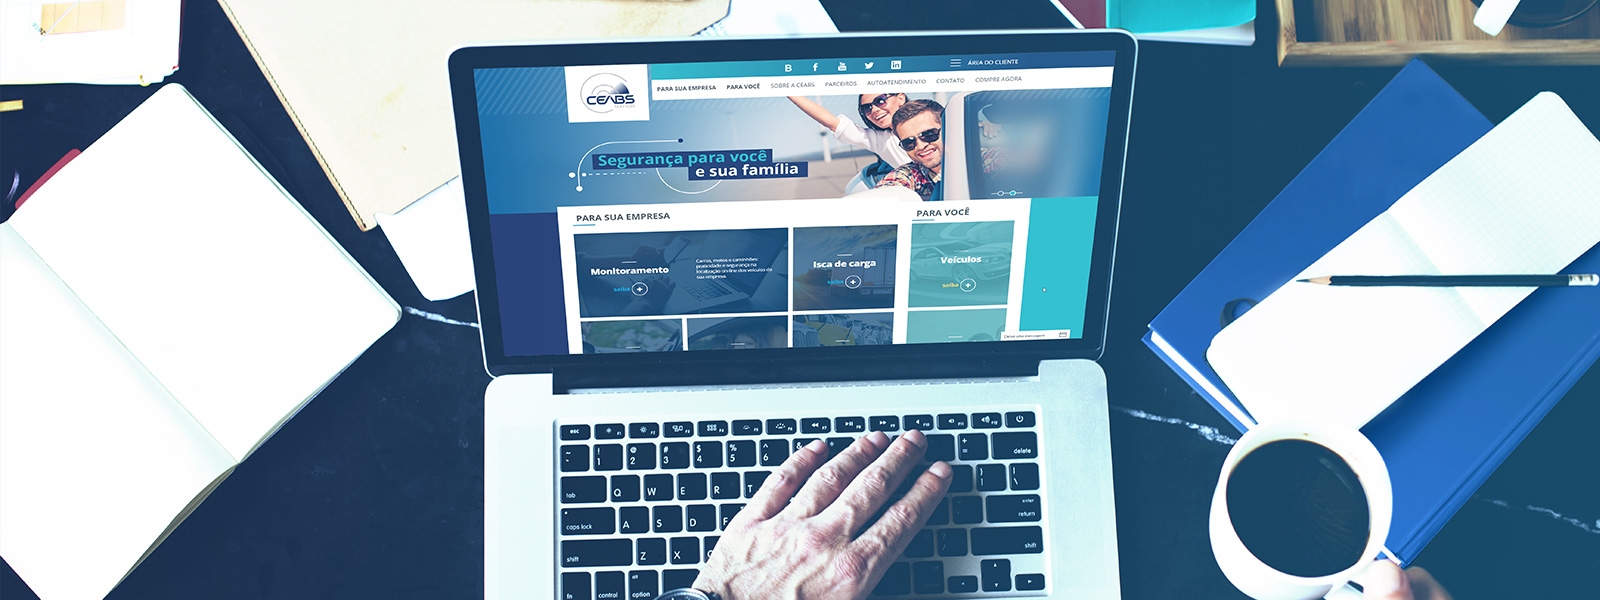 Conheça o novo portal da CEABS Serviços